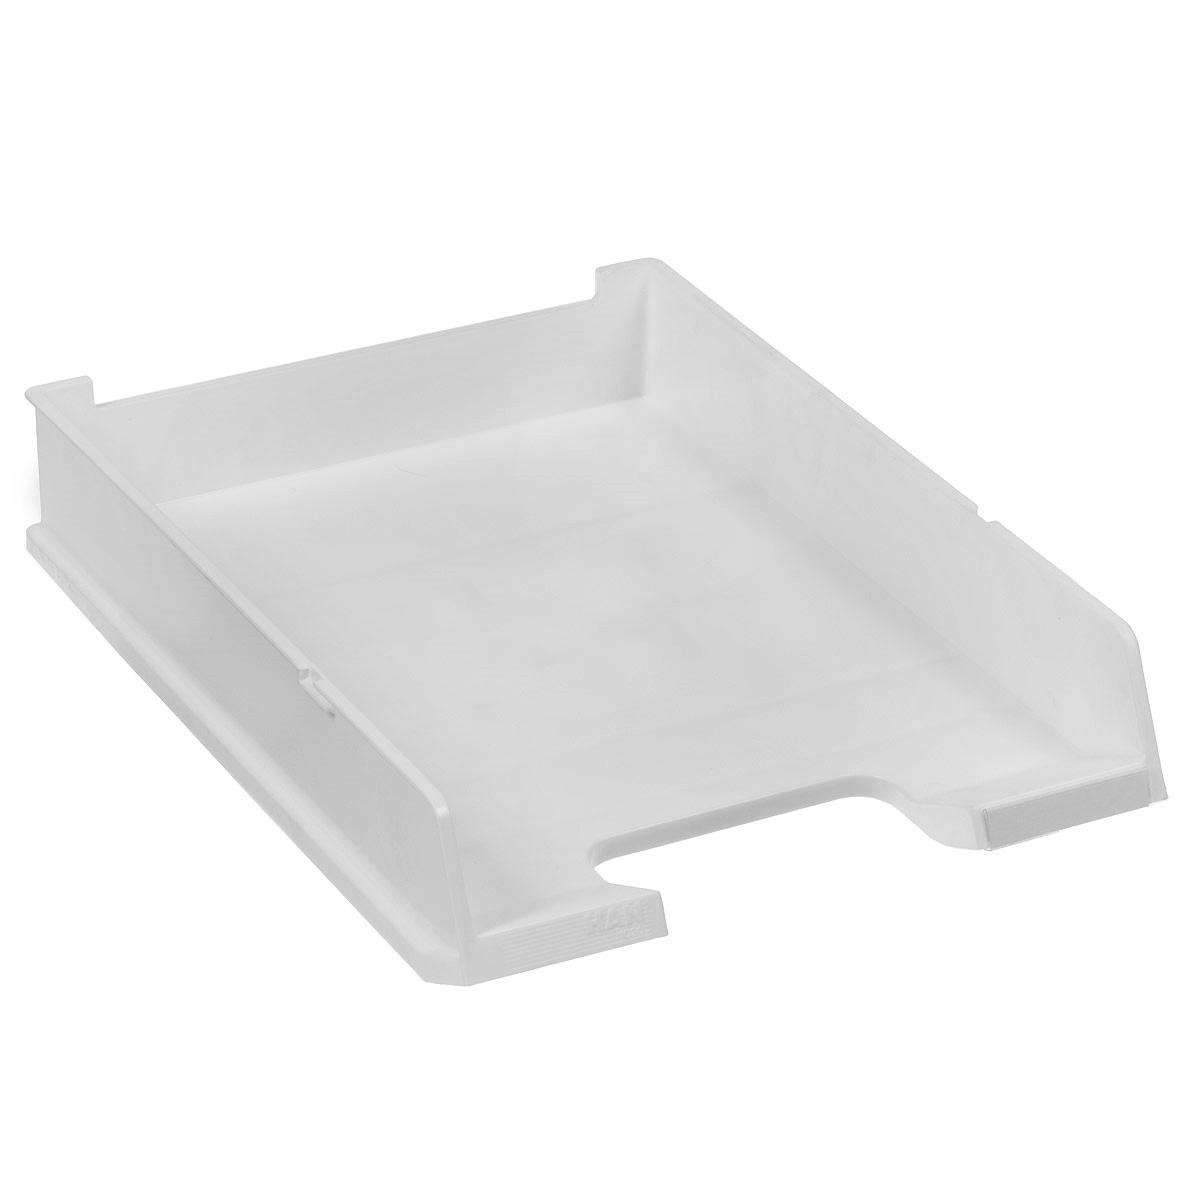 Лоток для бумаг горизонтальный HAN C4, цвет: светло-серыйHA1020/11Горизонтальный лоток для бумаг HAN C4 предназначен для хранения бумаг и документов формата А4. Лоток с оригинальным дизайном корпуса поможет вам навести порядок на столе и сэкономить пространство. Лоток изготовлен из экологически чистого непрозрачного антистатического пластика. Приподнятая фронтальная часть лотка облегчает изъятие документов из накопителя. Лоток имеет пластиковые ножки, предотвращающие скольжение по столу. Также лоток оснащен небольшим прозрачным окошком для этикетки. Лоток для бумаг станет незаменимым помощником для работы с бумагами дома или в офисе, а его стильный дизайн впишется в любой интерьер. Благодаря лотку для бумаг, важные бумаги и документы всегда будут под рукой. Несколько лотков можно ставить друг на друга, один в другой и друг на друга со смещением.